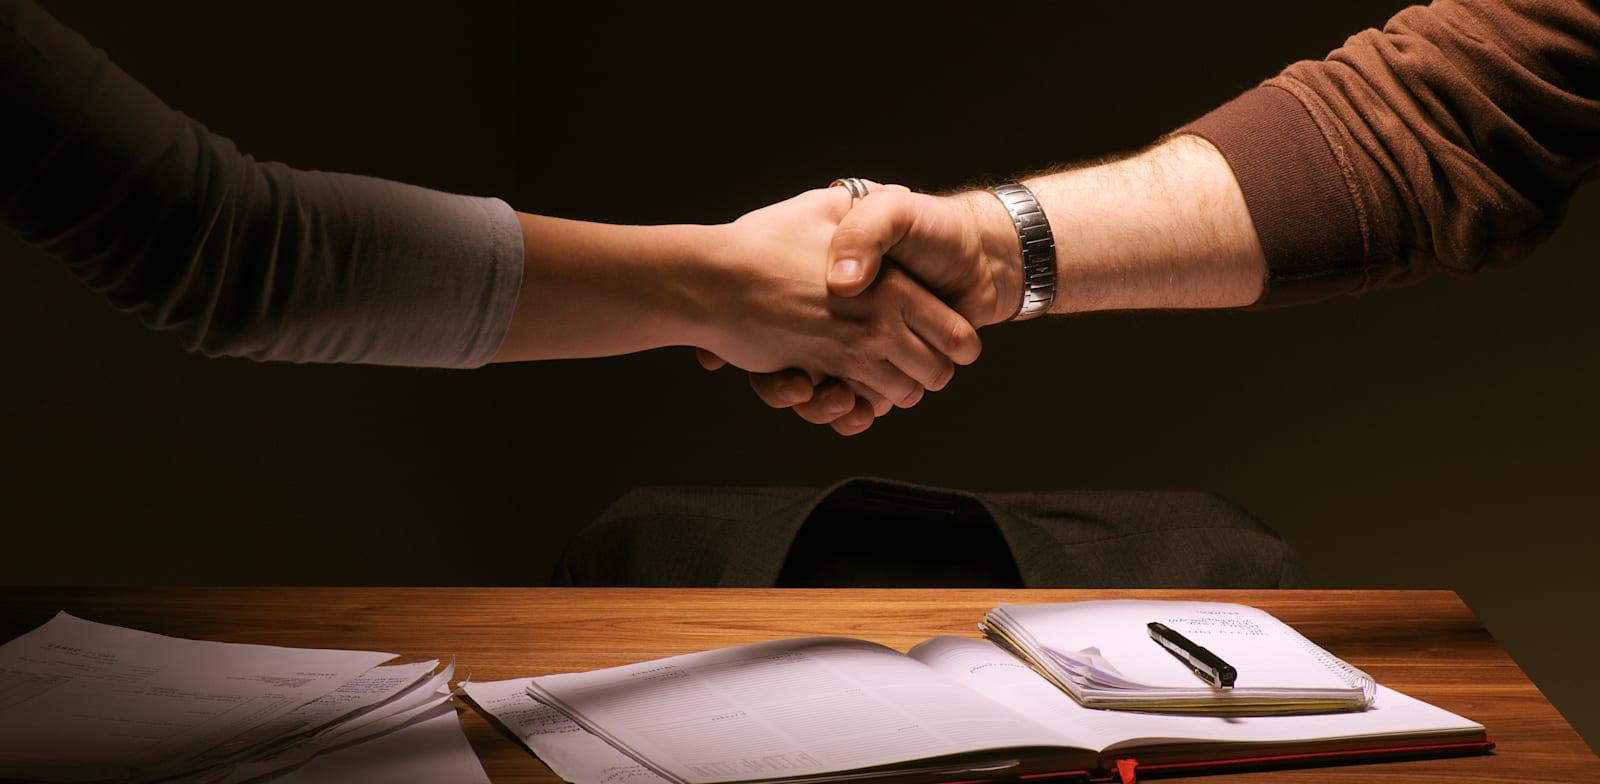 משא ומתן. מסמכים. לחיצת יד. / צילום: אימאג'-בנק ישראל